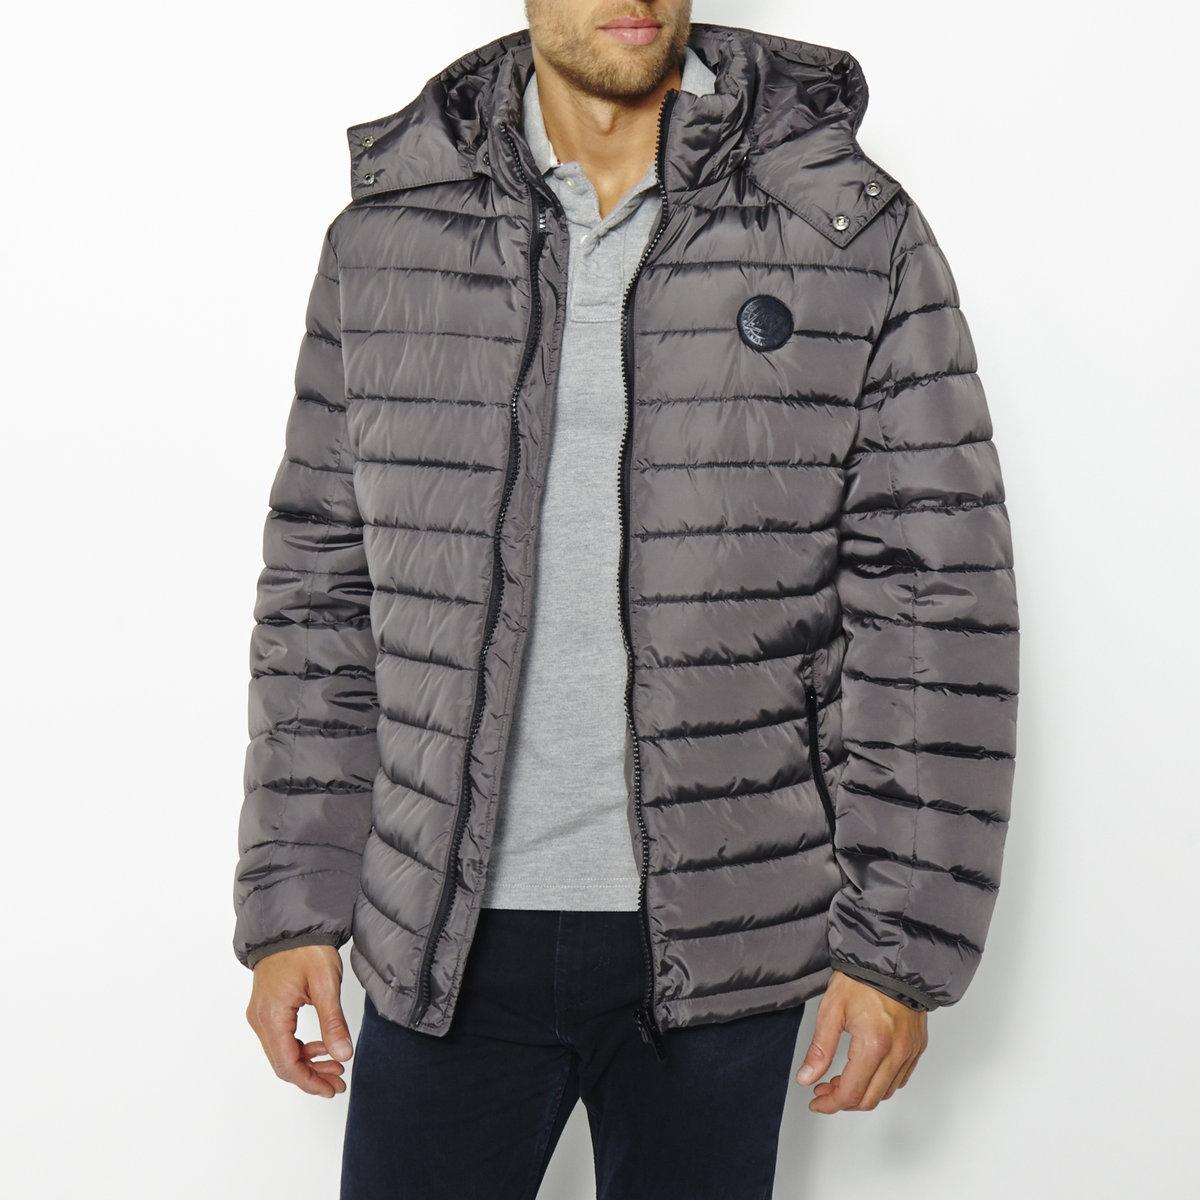 Куртка стеганая BENTIСтеганая куртка BENTI от KAPORAL. 100% полиамид. Подкладка из полиэстера. Съемный капюшон. Длинные рукава. Высокий воротник. Застежка на молнию. 2 кармана с застежкой на молнию. Логотип сзади. Низ на кулиске с фиксаторами.<br><br>Цвет: серый,черный<br>Размер: S.L